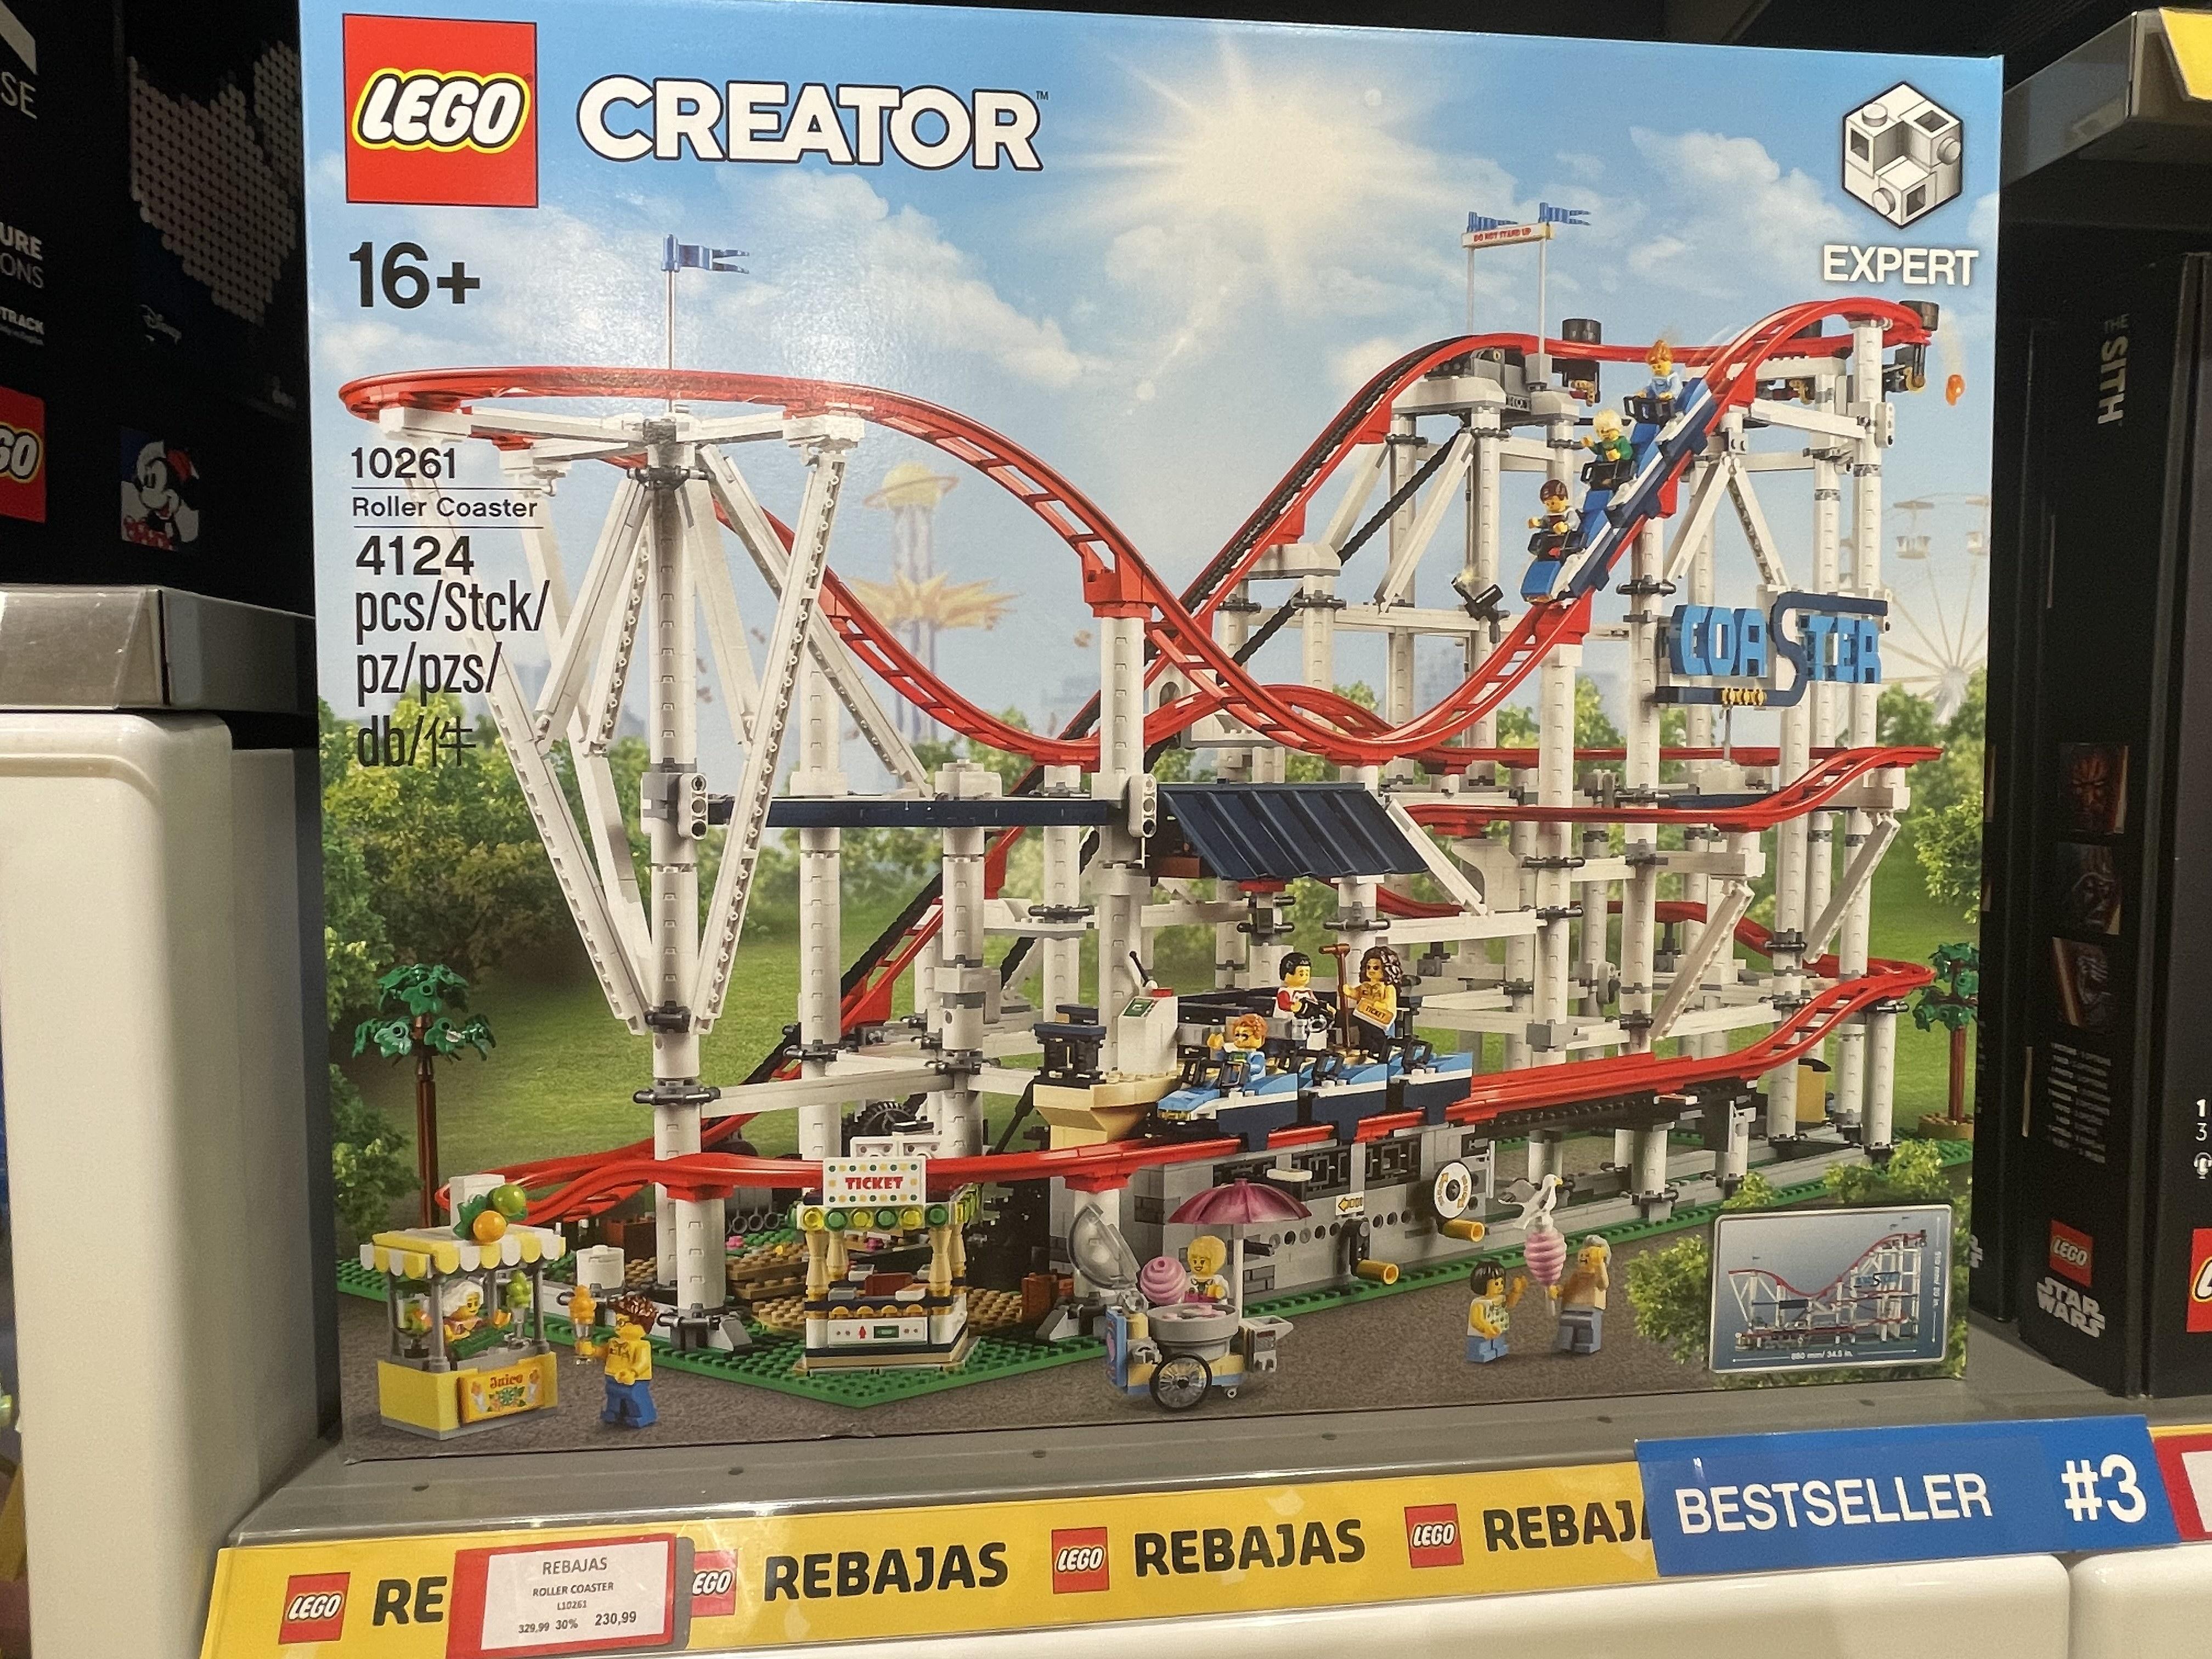 LEGO Creator - Montaña rusa (10261) Roller Coaster en tienda lego parquesur